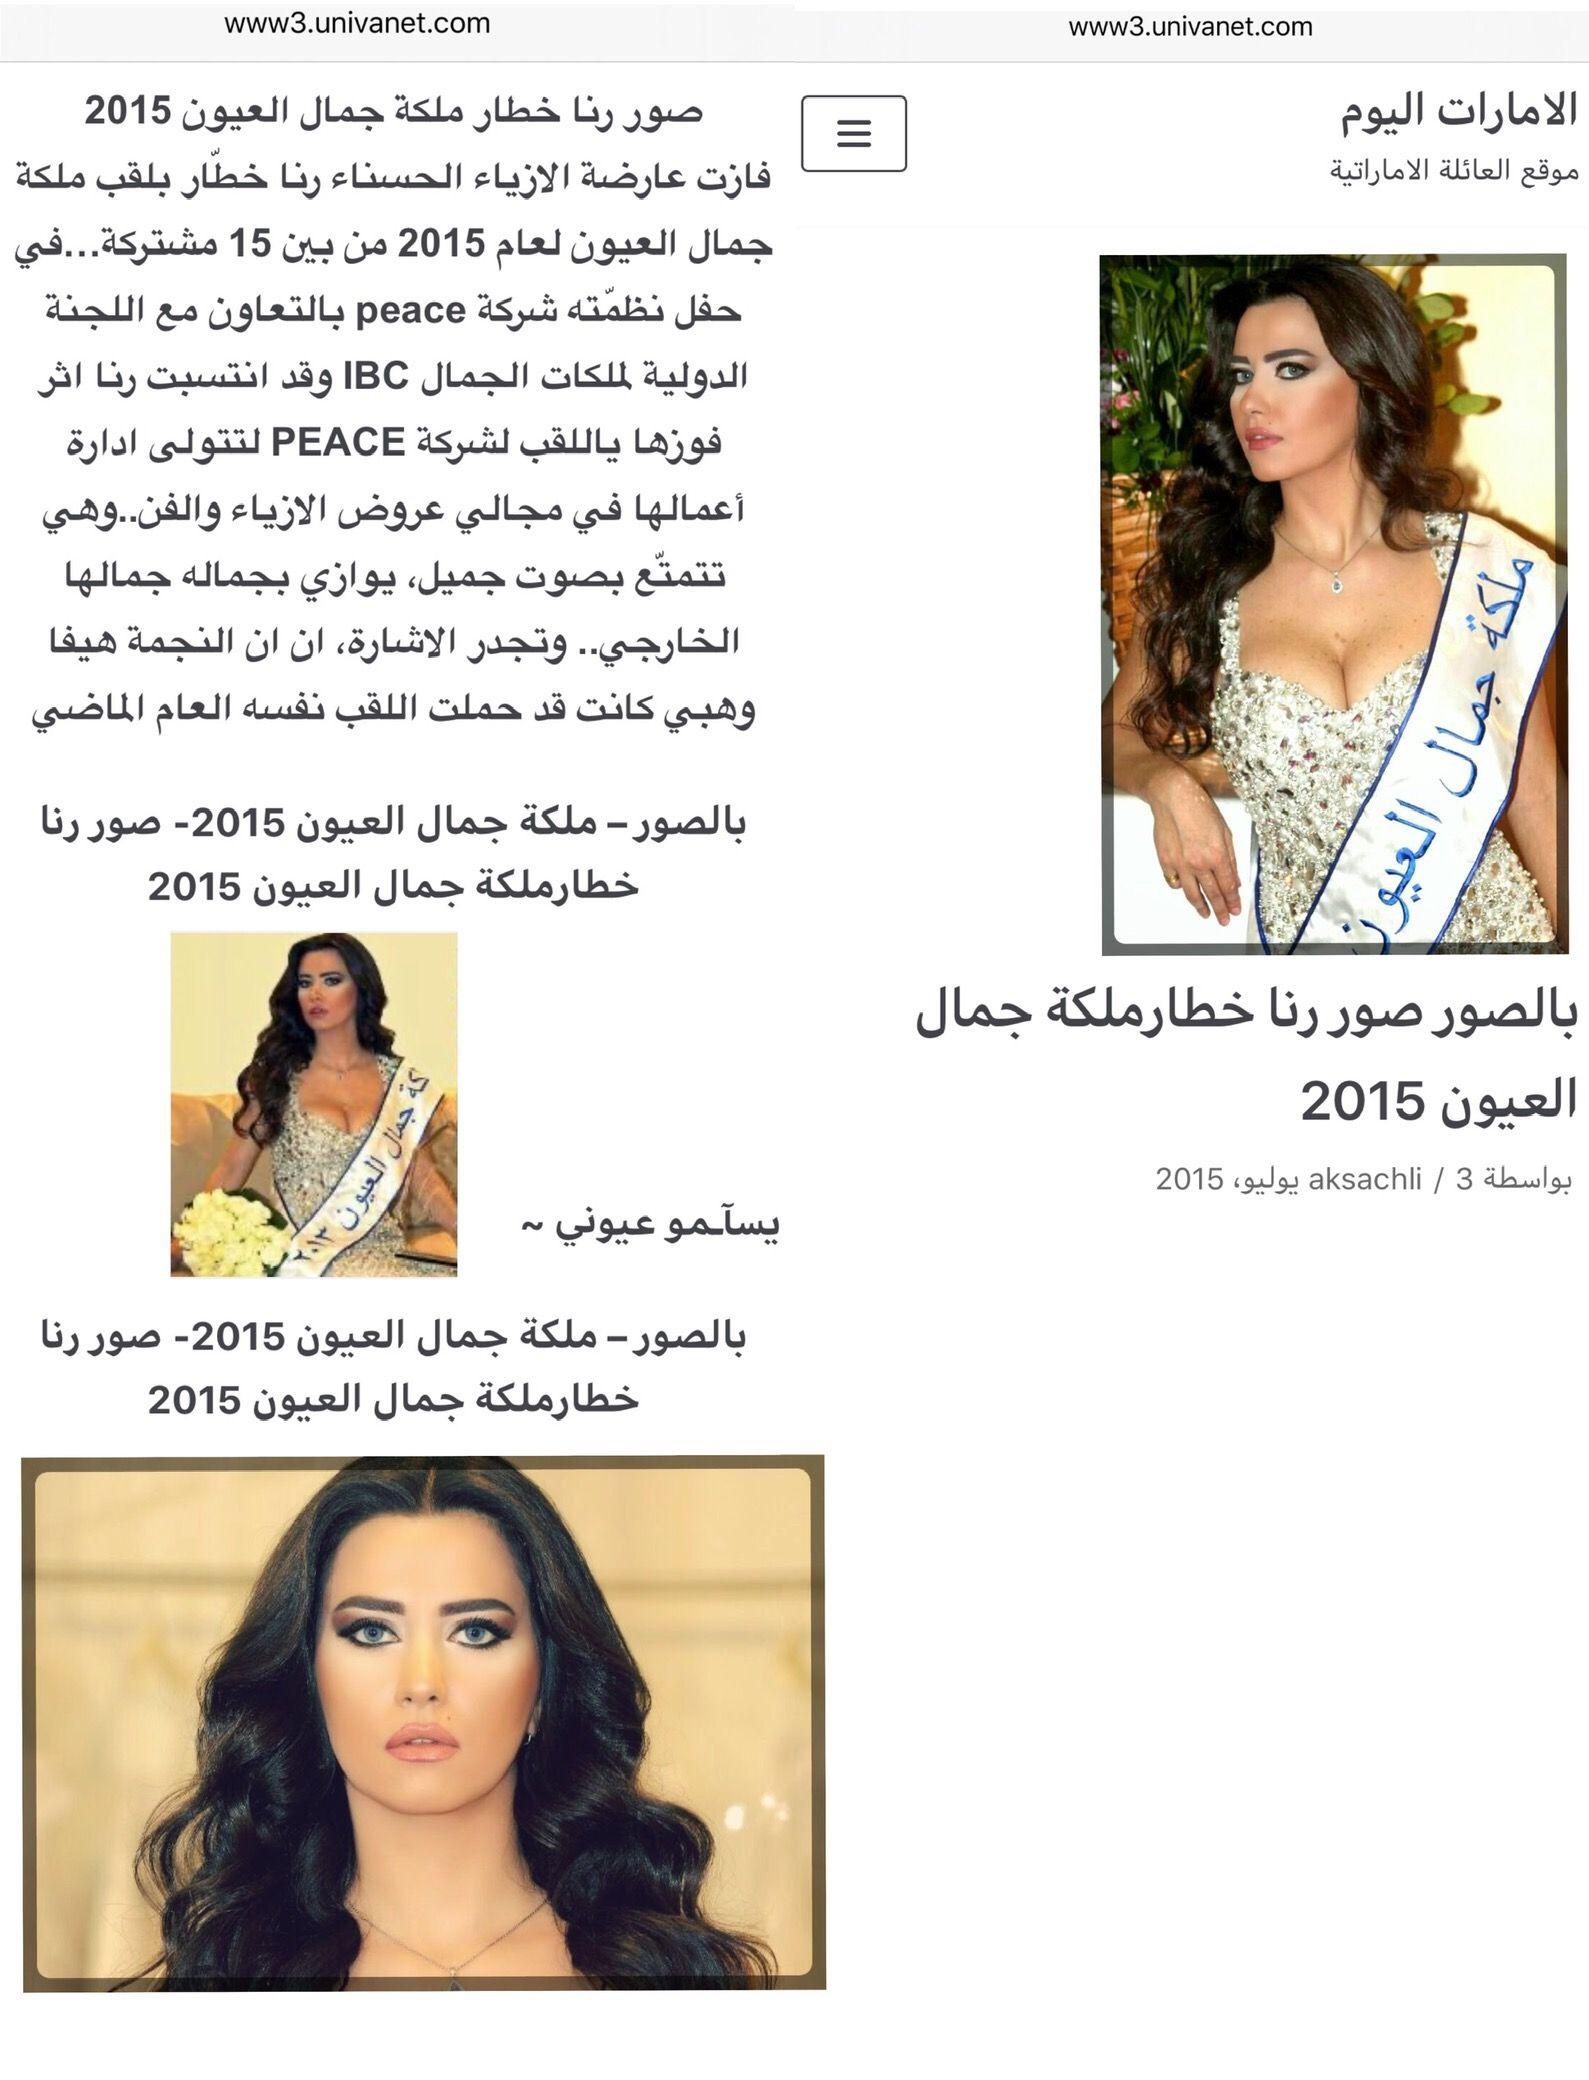 بالصور صور رنا خطارملكة جمال العيون 2015 الامارات اليوم Arab Beauty Beauty Beauty Pageant